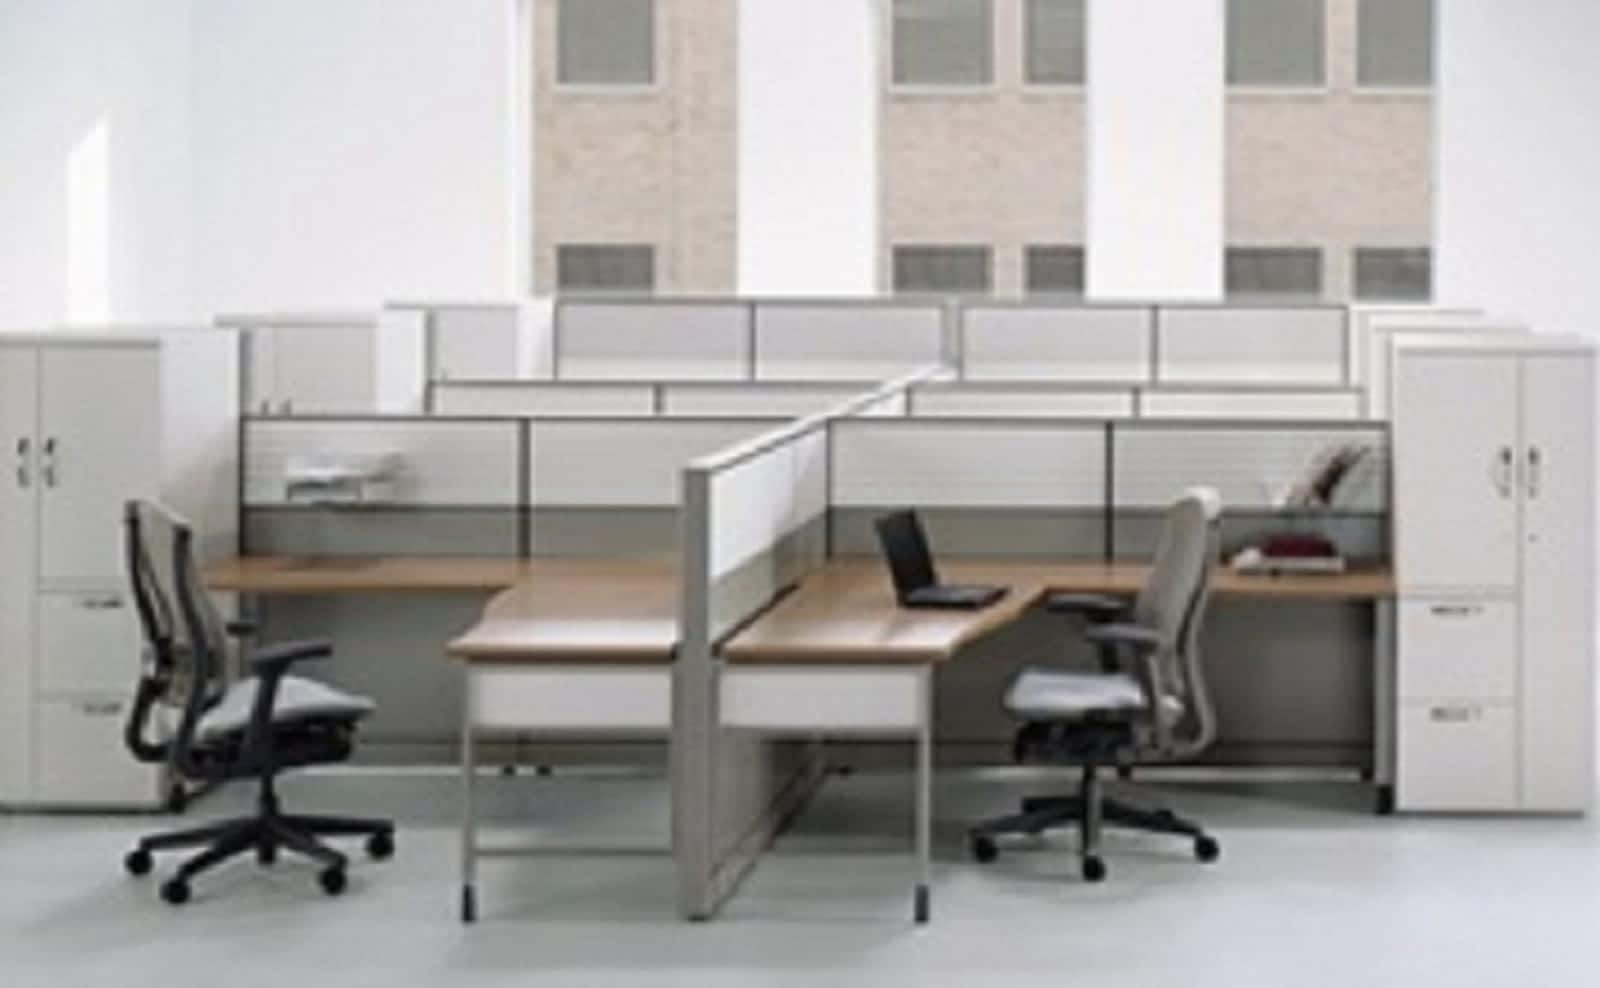 Bureau Design Masse Horaire D Ouverture 320 8e Rue O La Guadeloupe Qc